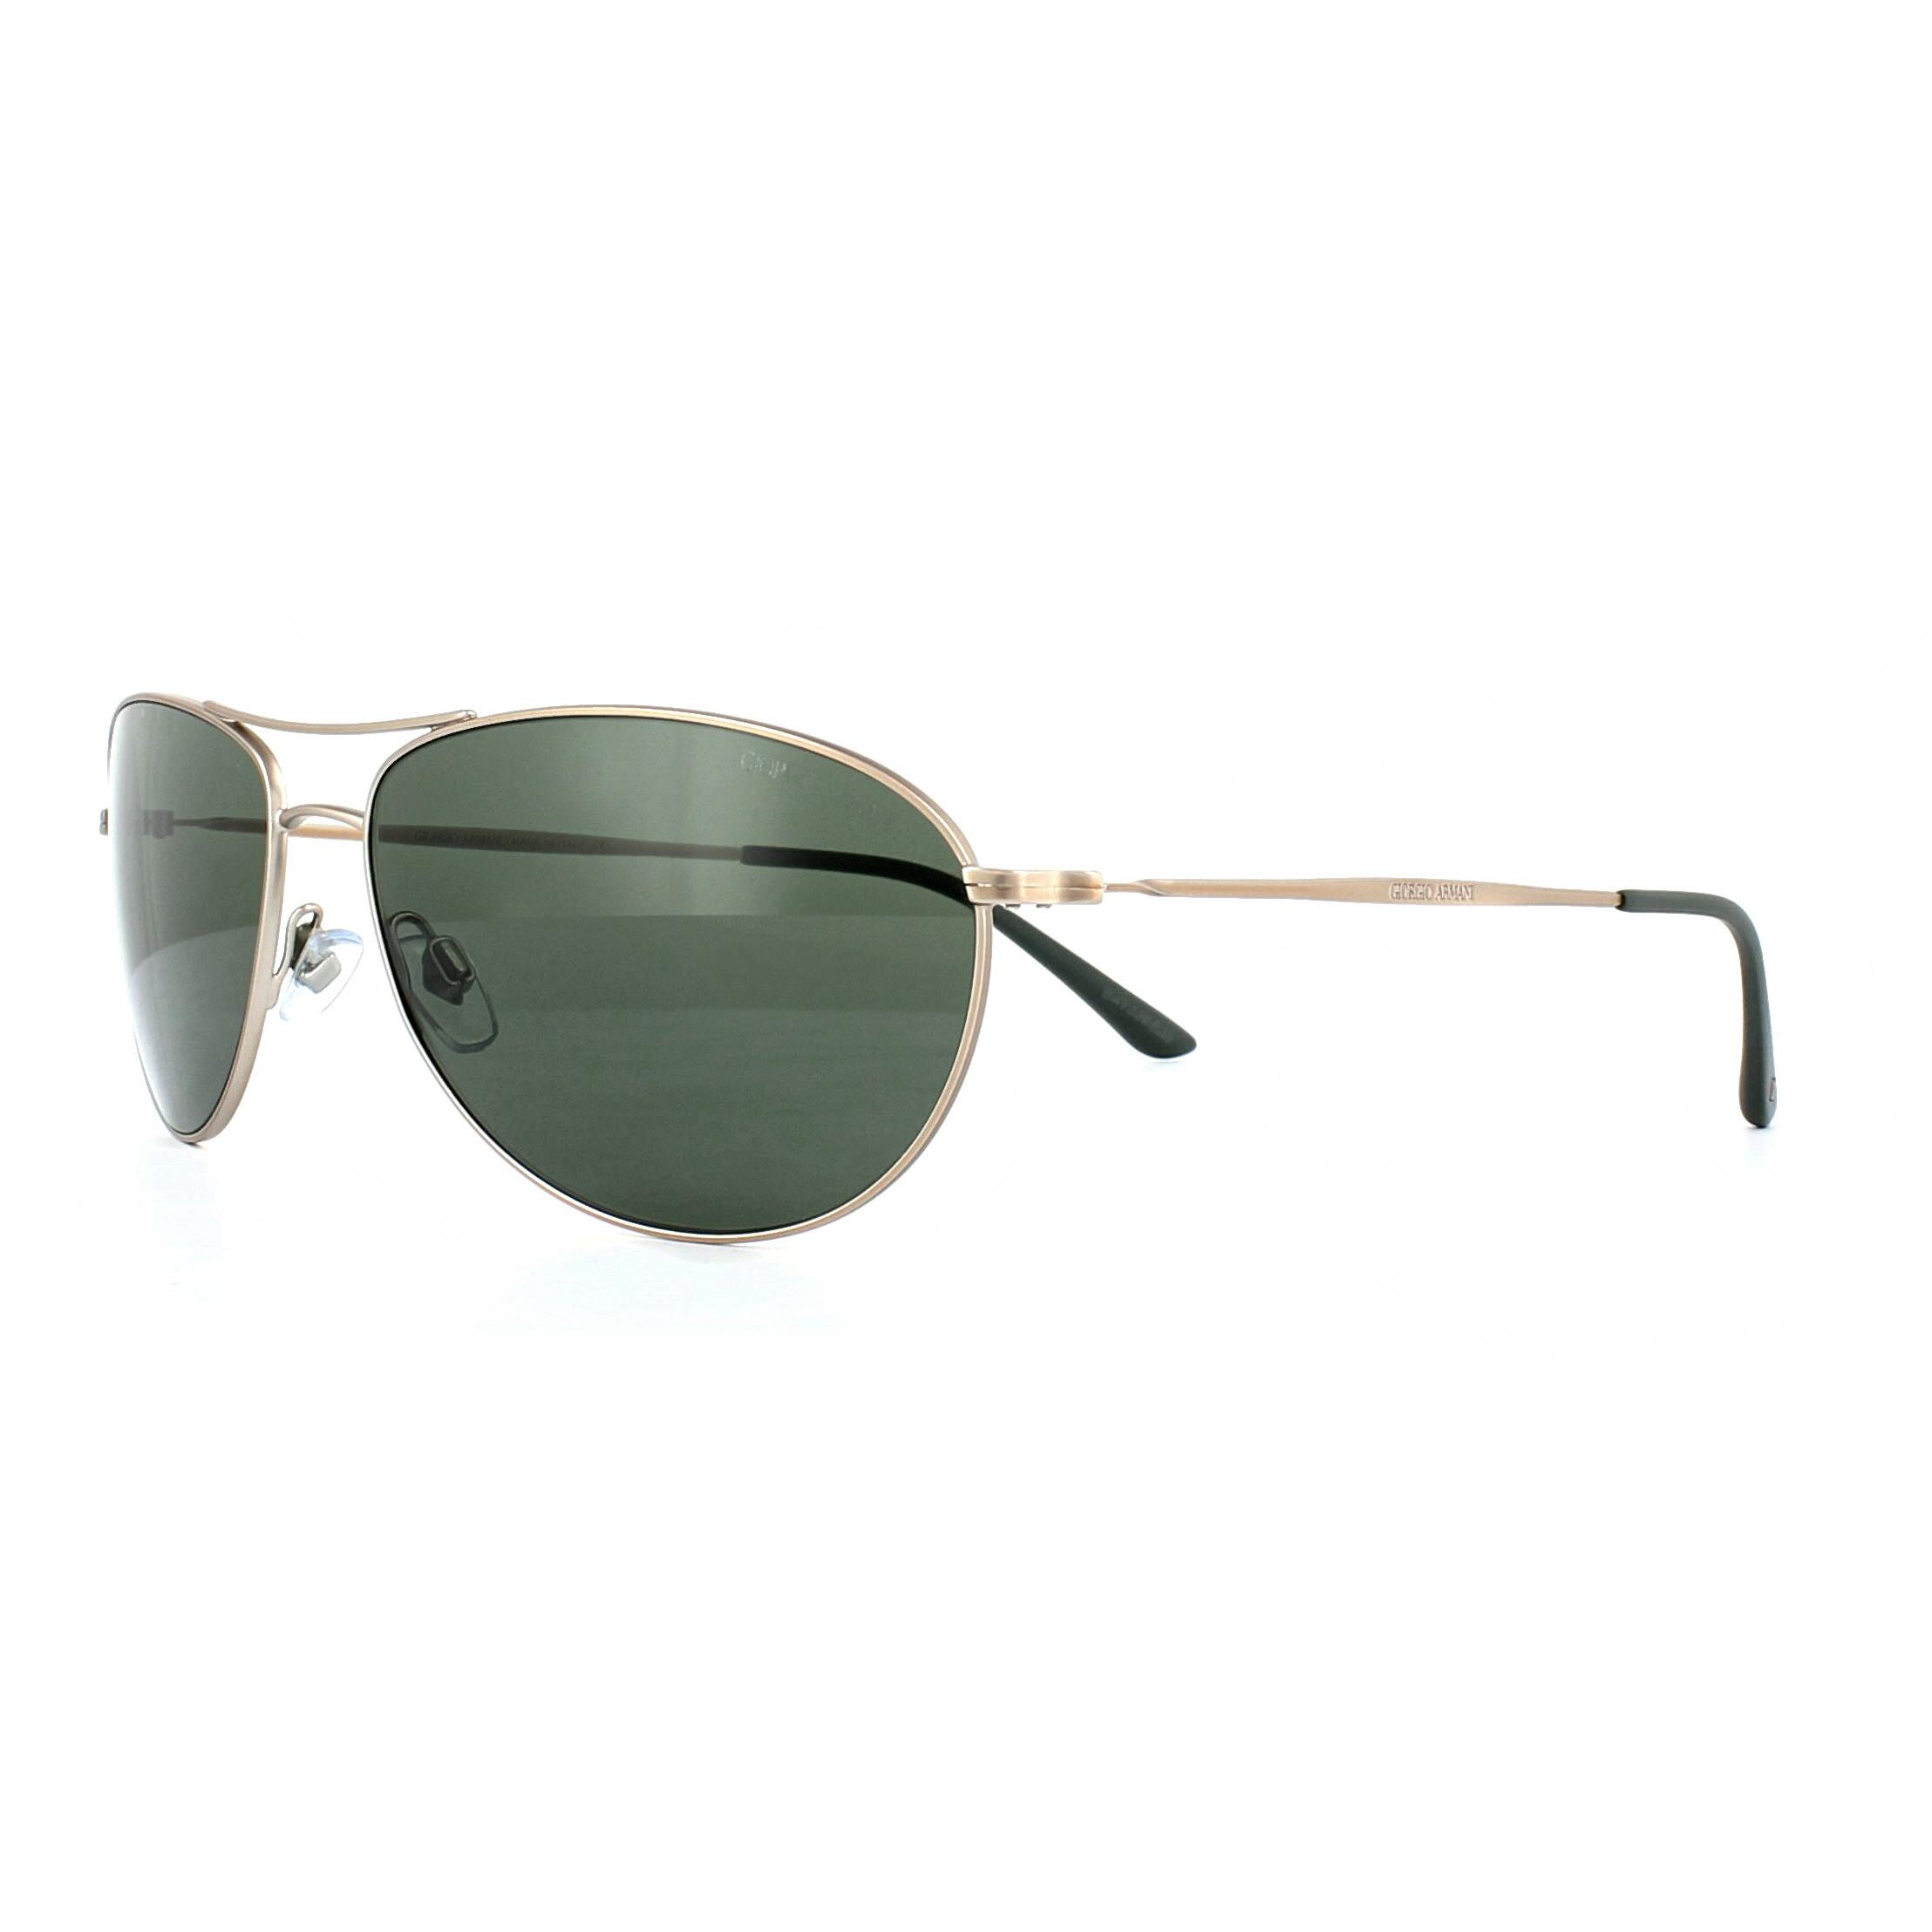 e876dbf2d701 Sentinel Giorgio Armani Sunglasses AR6024 300431 Matte Bronze Brown Crystal  Green